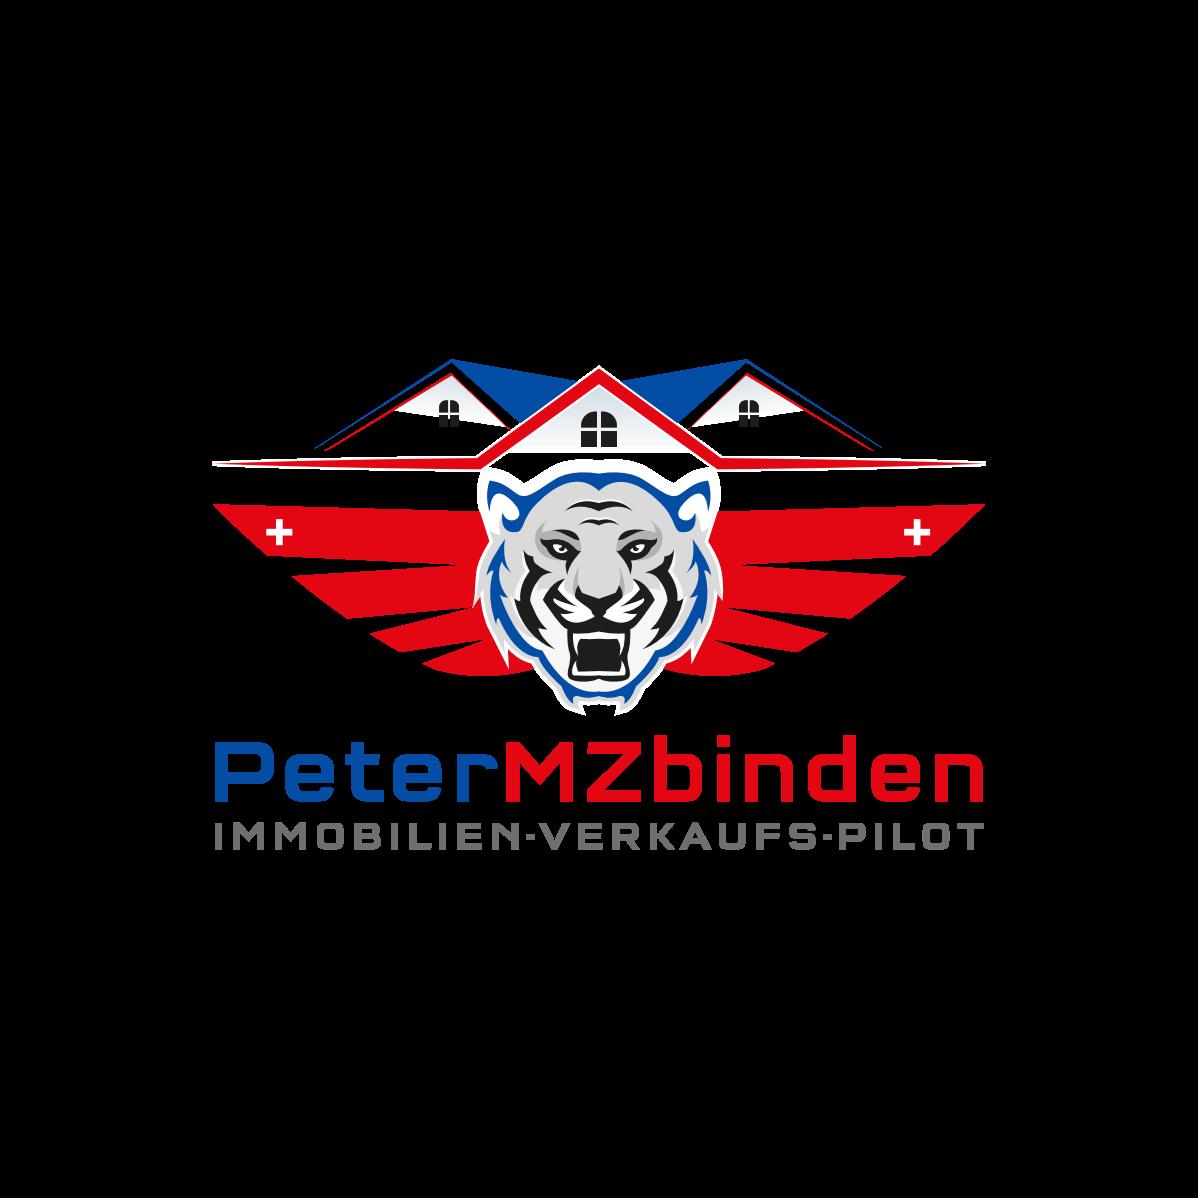 neue Beschriftung des bestehenden Logos